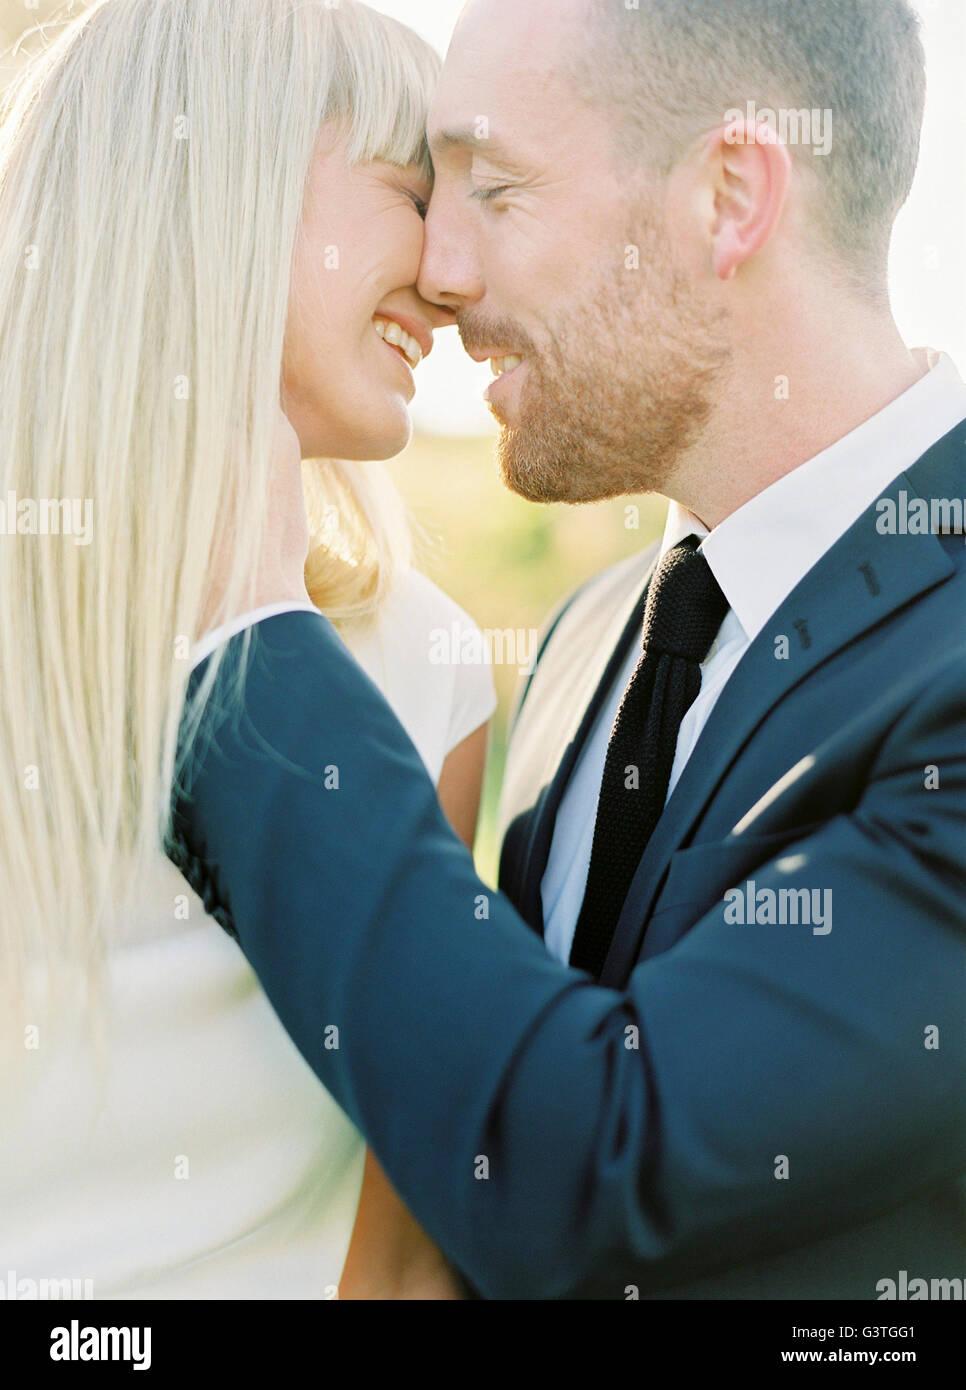 Suecia, novio y novia besos Imagen De Stock